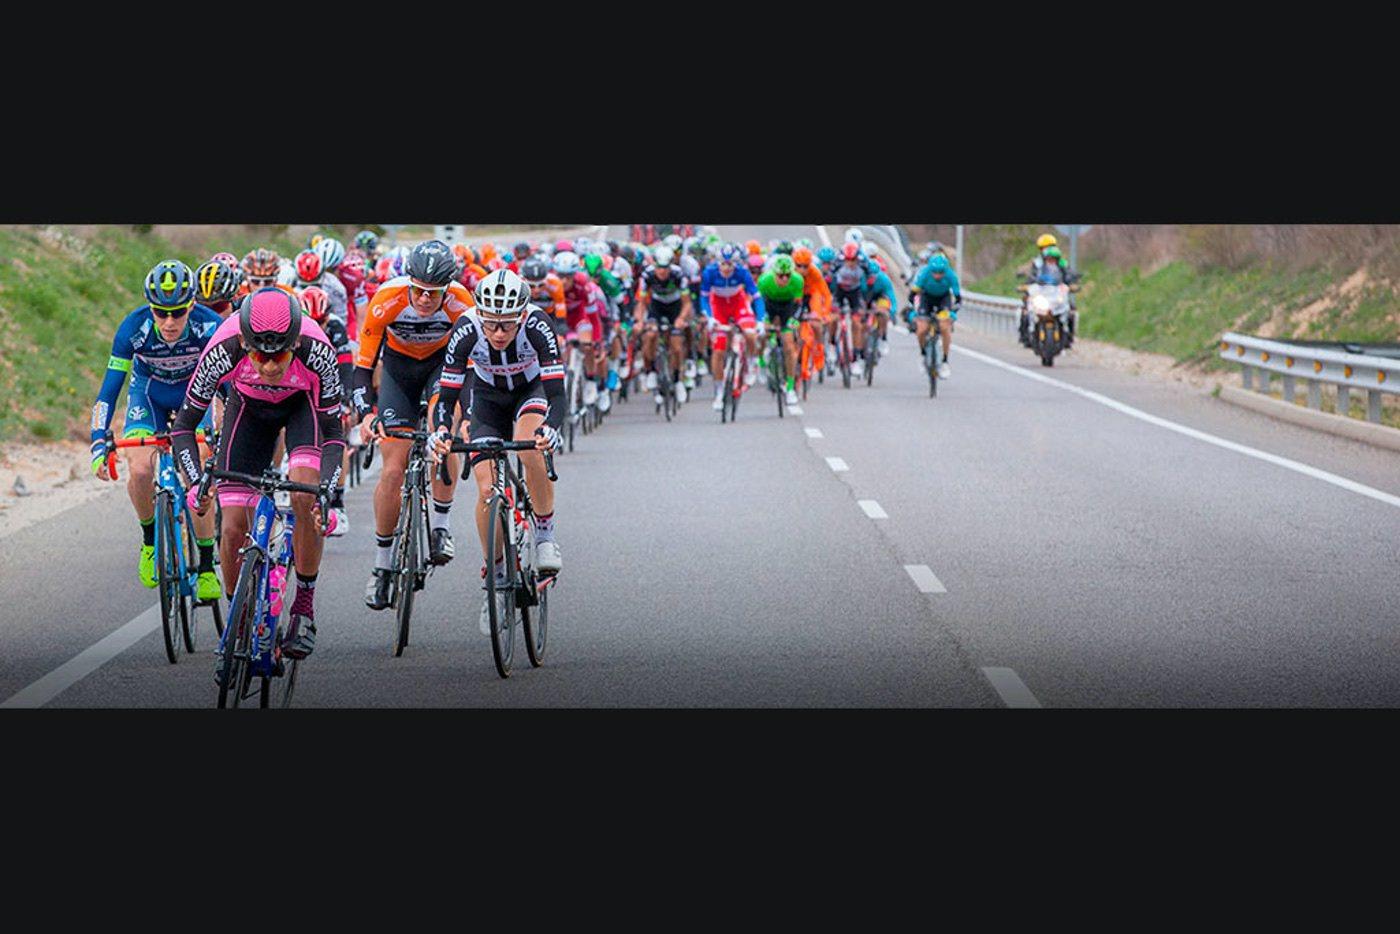 Gobik vestirá al líder de la Vuelta Ciclista a Cataluña